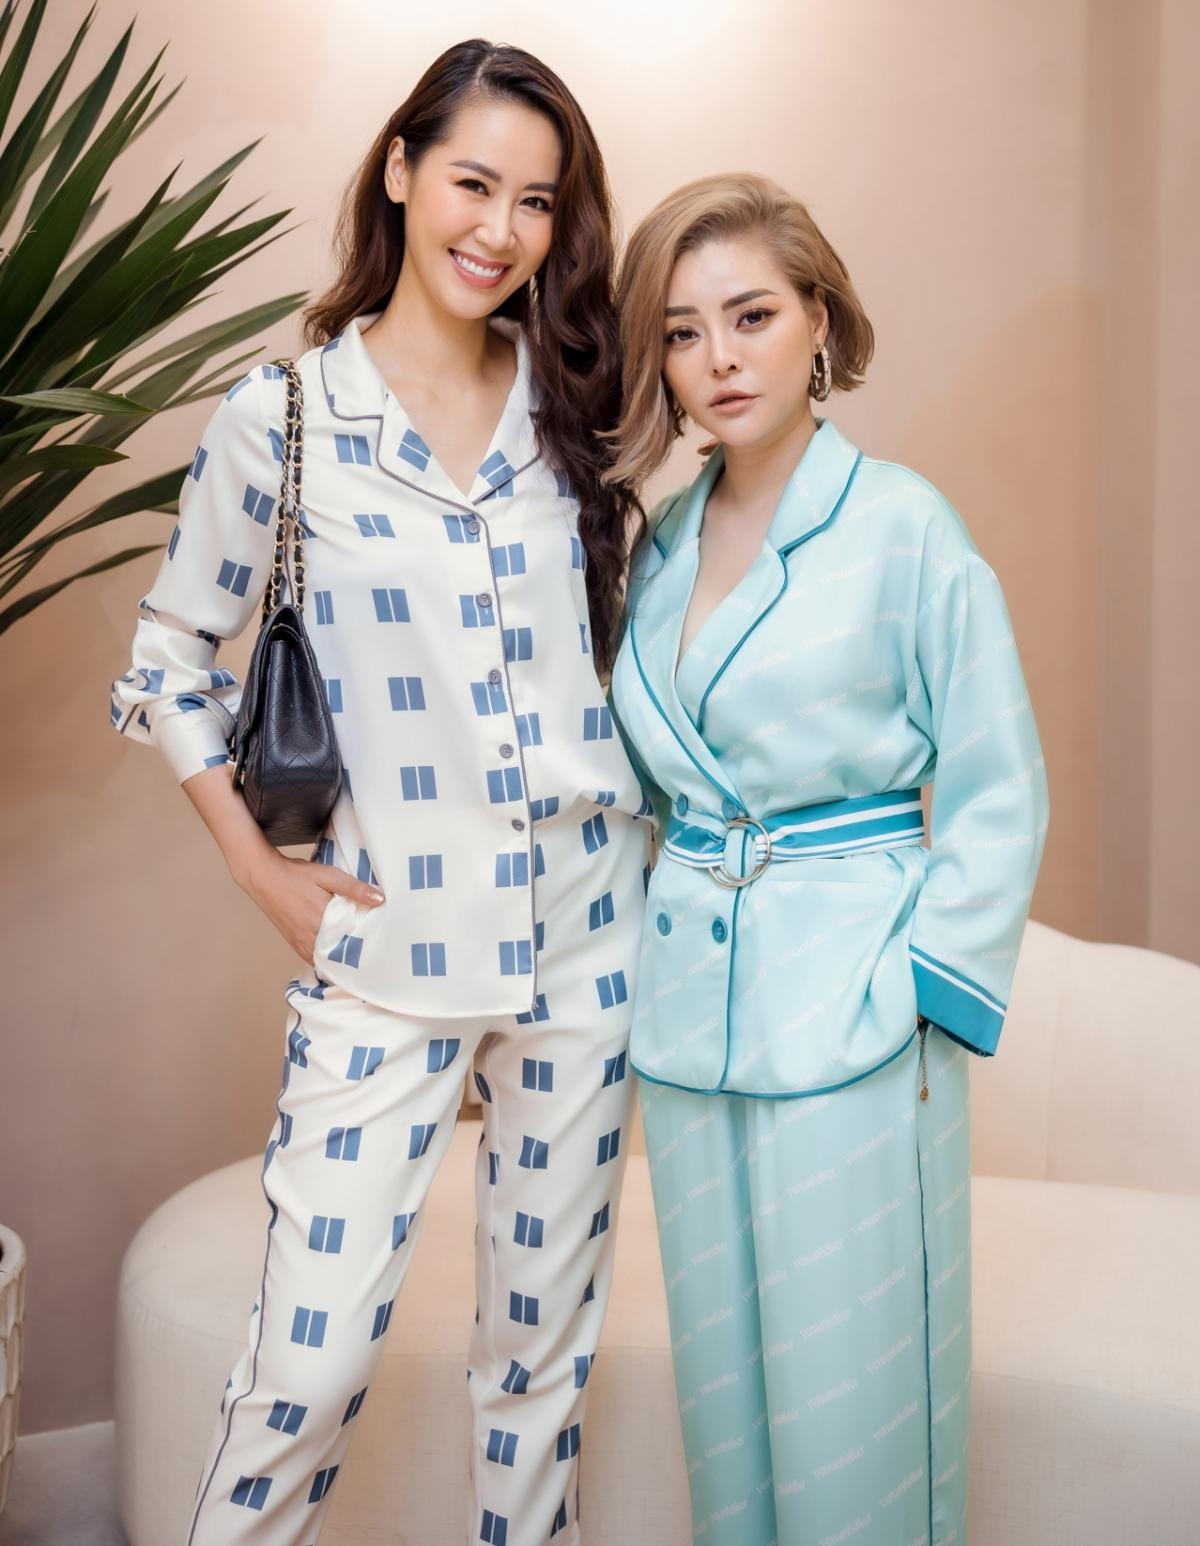 Lương Thu Trang, Dương Thùy Linh nổi bật trong pijama của NTK Thu Yến Ảnh 9